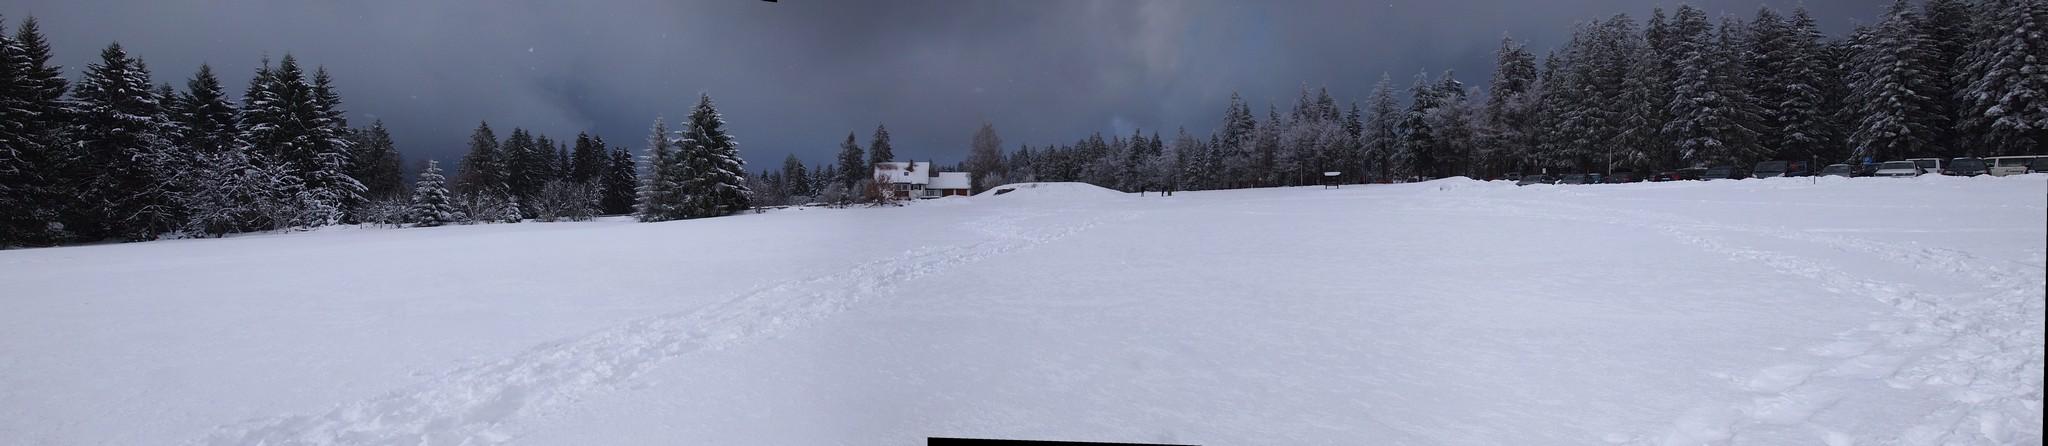 P2122329 Panorama.jpg